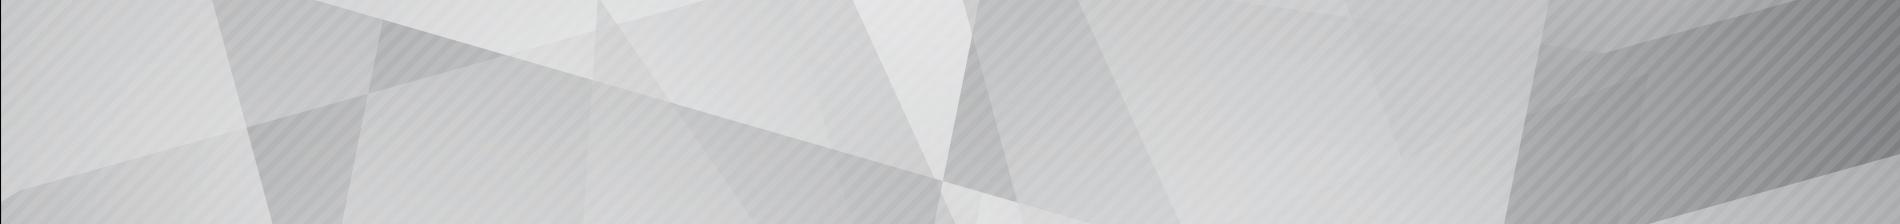 COMPETIÇÃO COBRAS - Imagem de topo